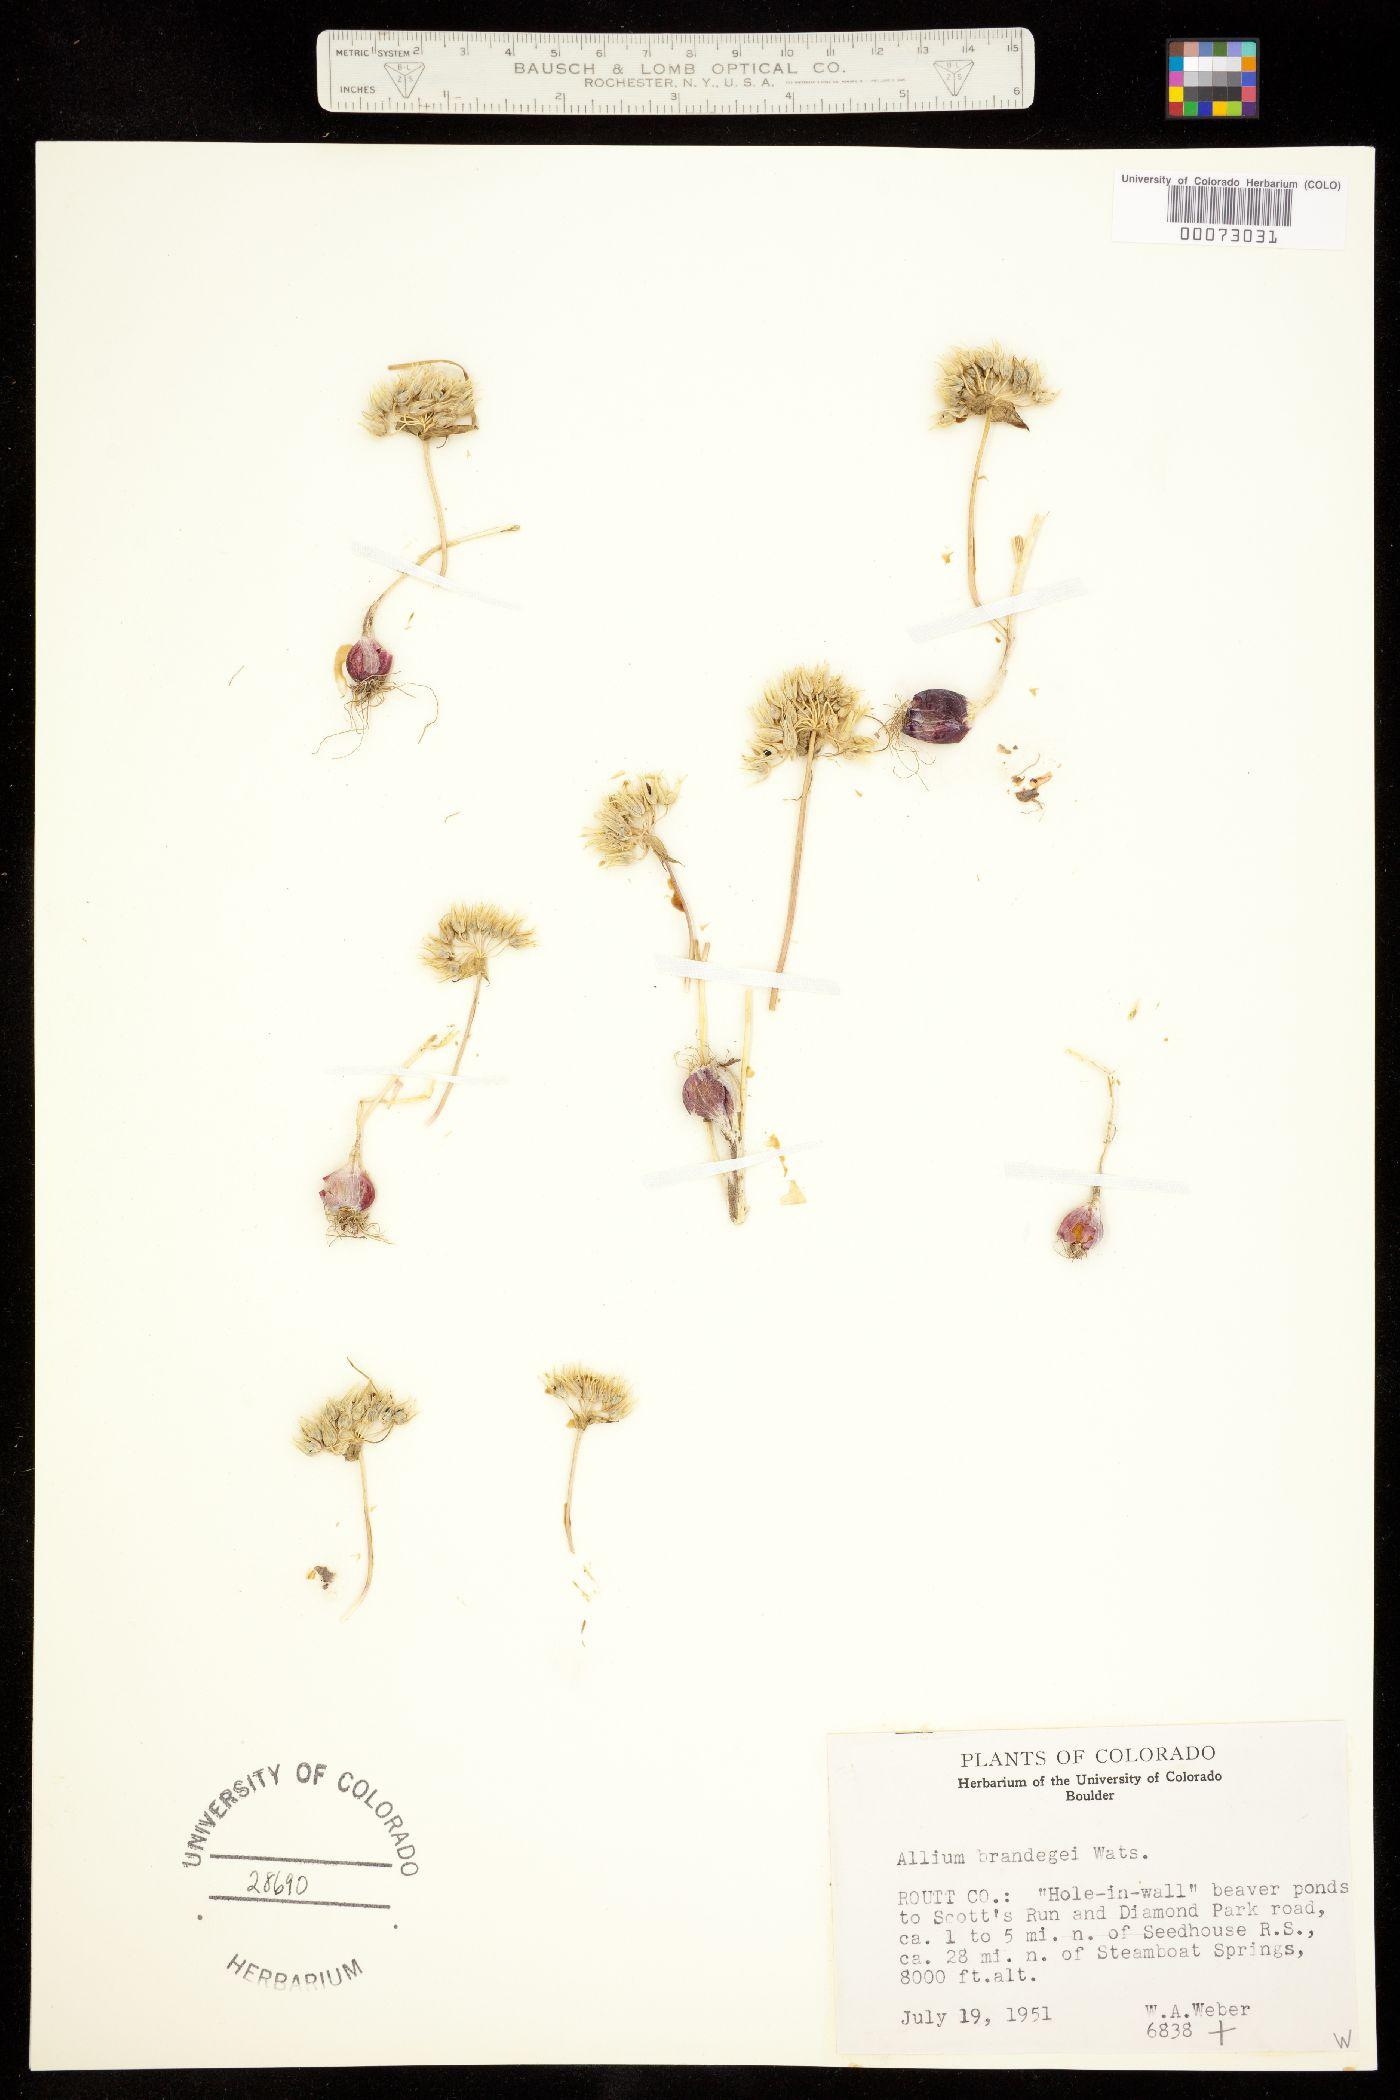 Allium brandegei image